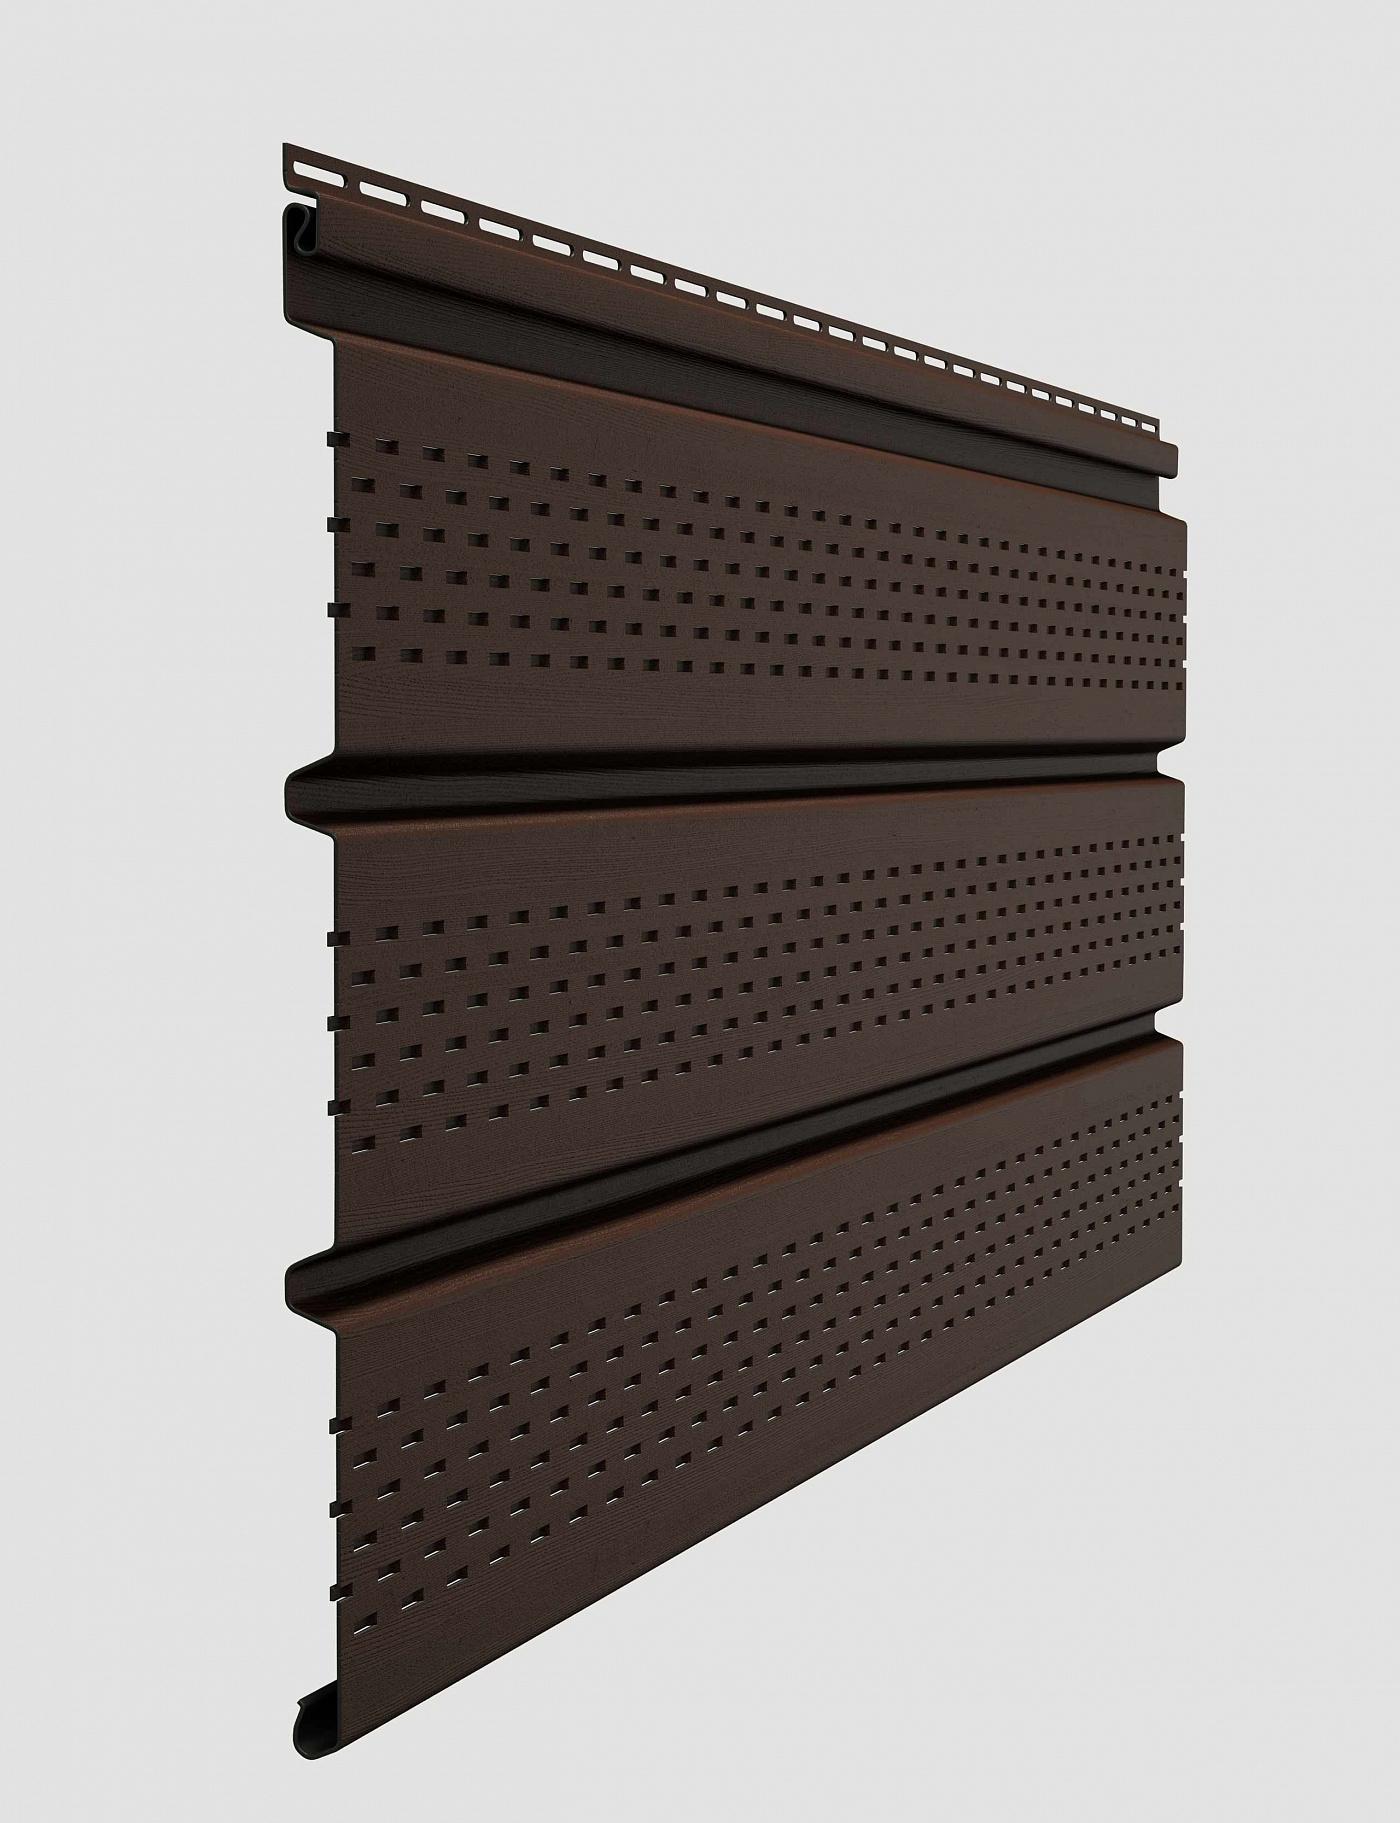 Софит виниловый Docke Standard T4 с полной перфорацией 3000 мм Шоколад